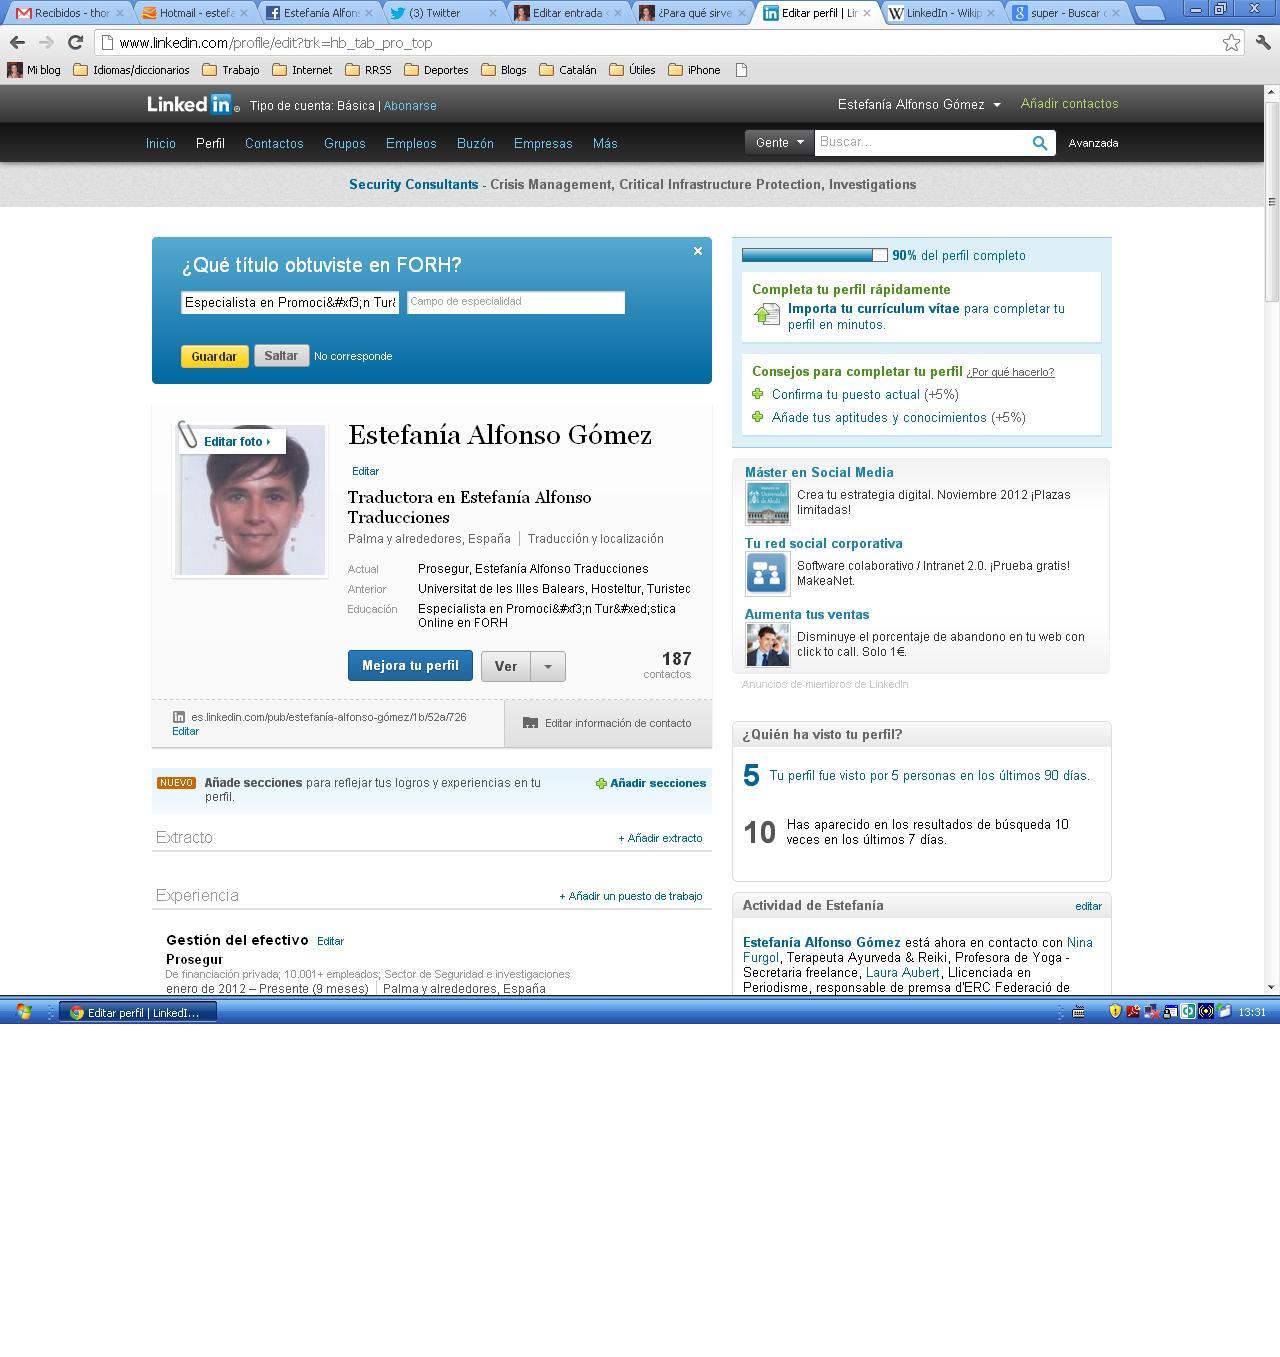 Para qué sirve LinkedIn? | El blog de Estefanía Alfonso